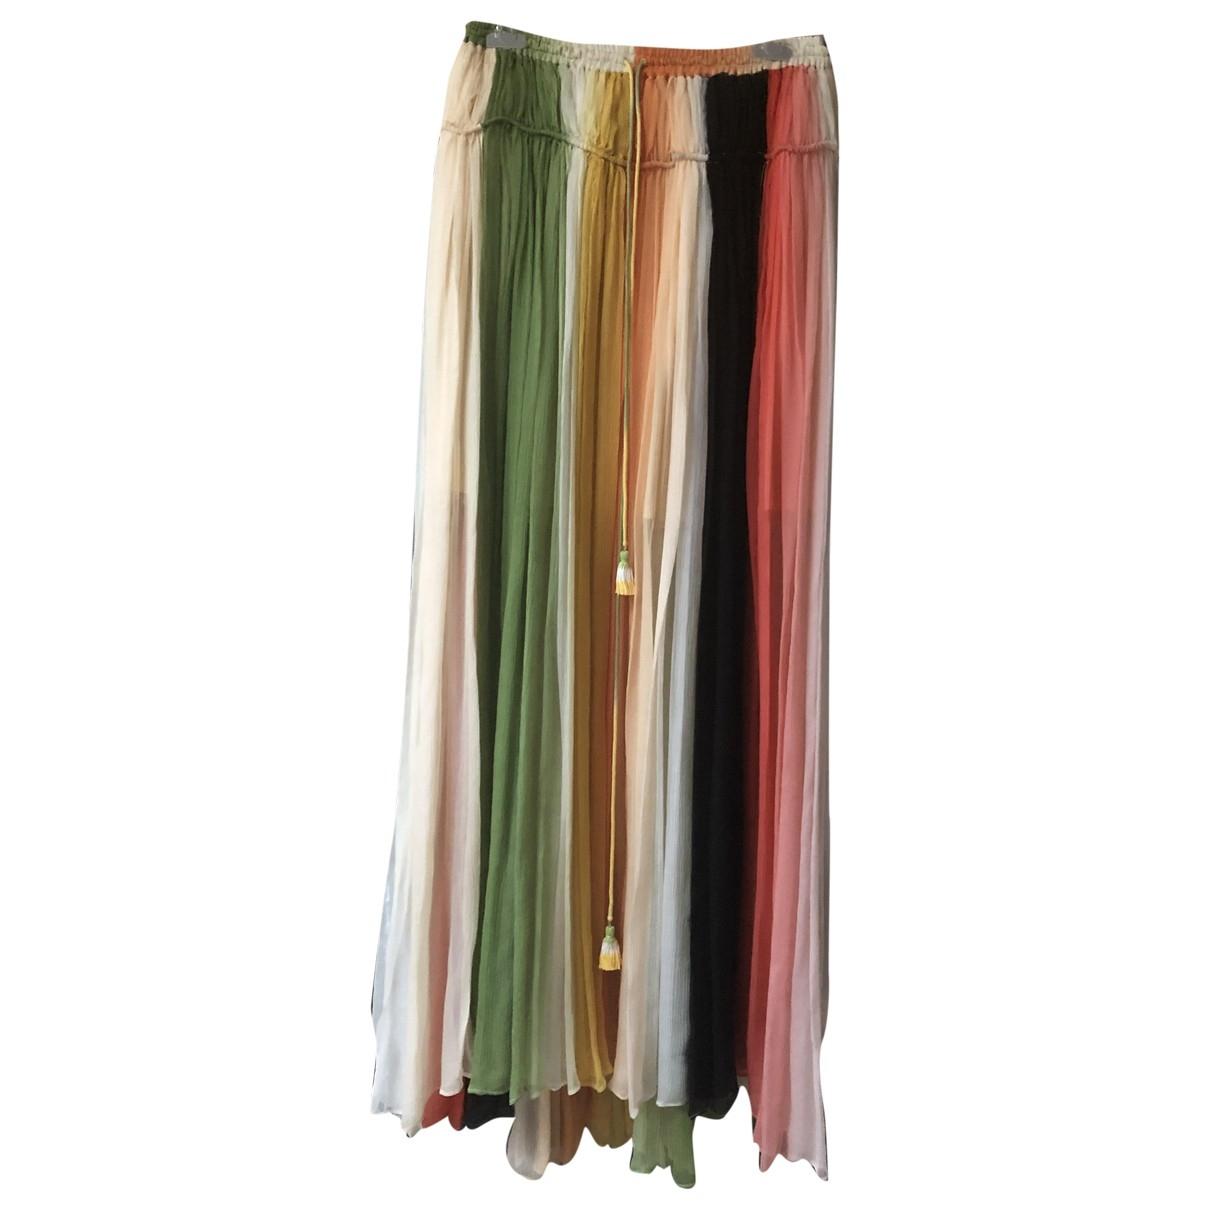 Chloe - Jupe   pour femme en soie - multicolore